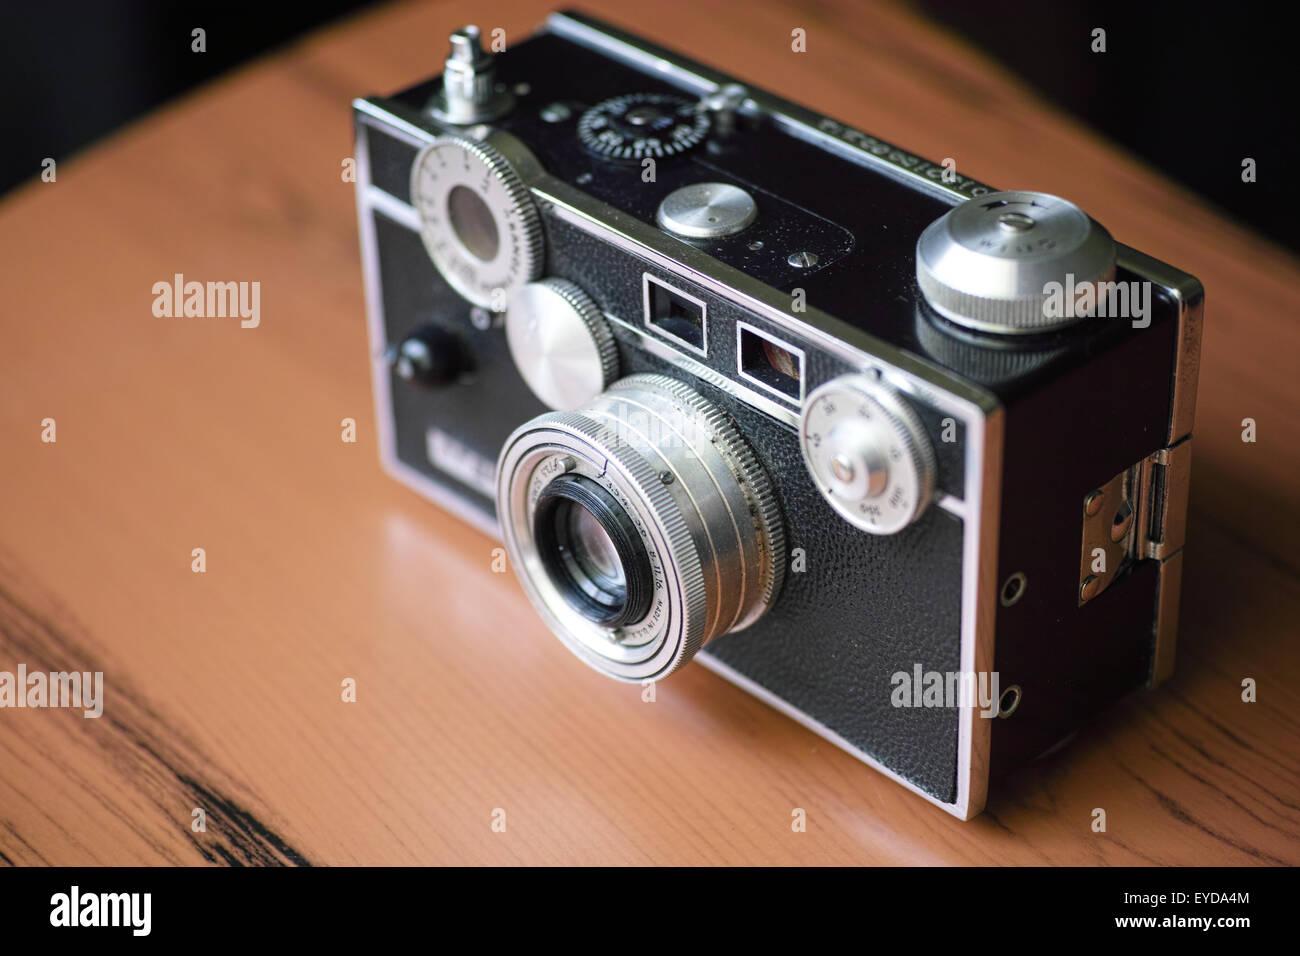 vintage rangefinder camera - Stock Image